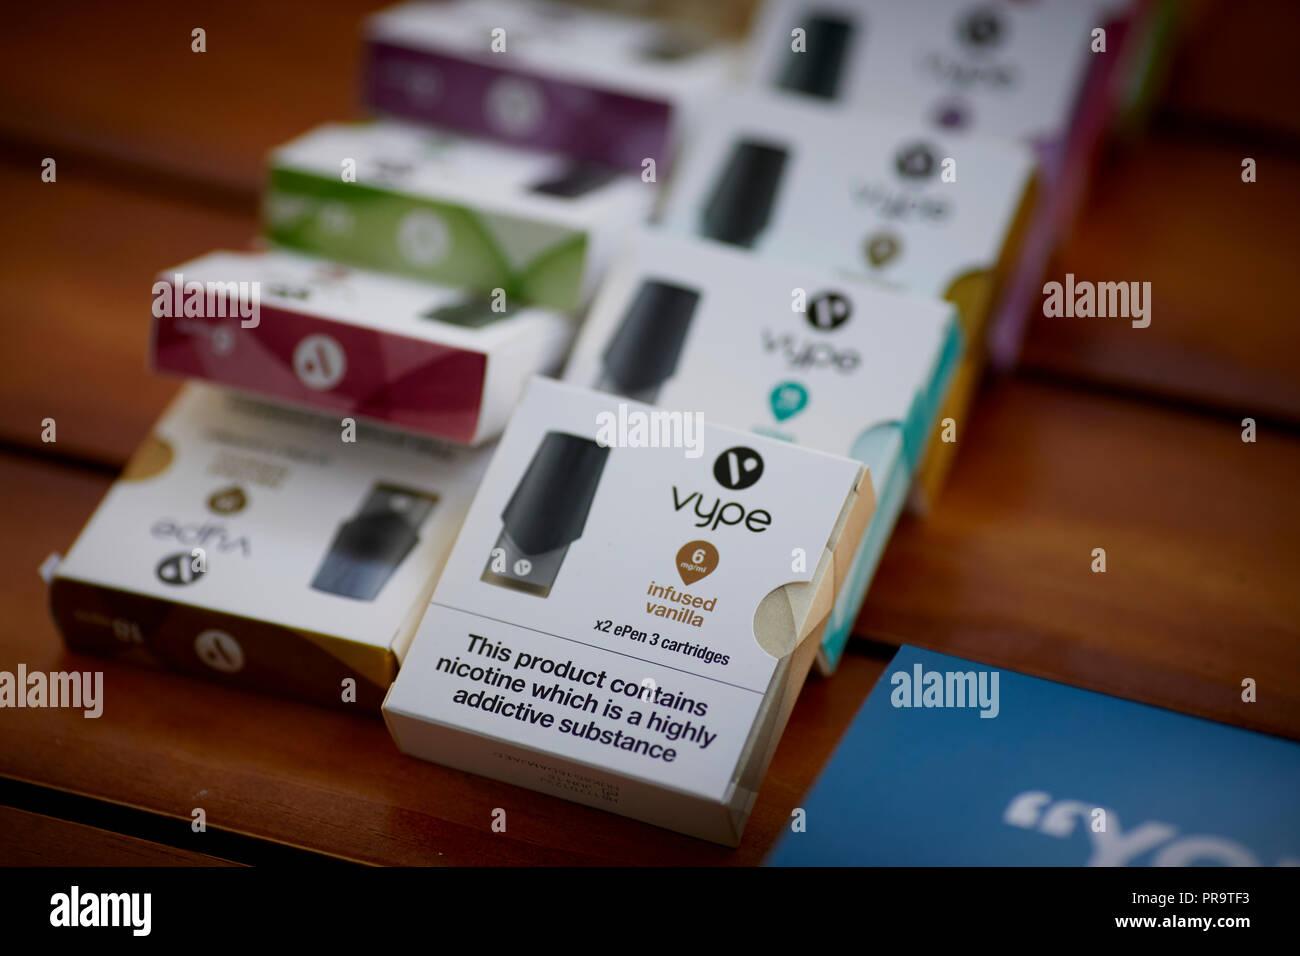 smoking Vape ePen 3 boxes packaging - Stock Image